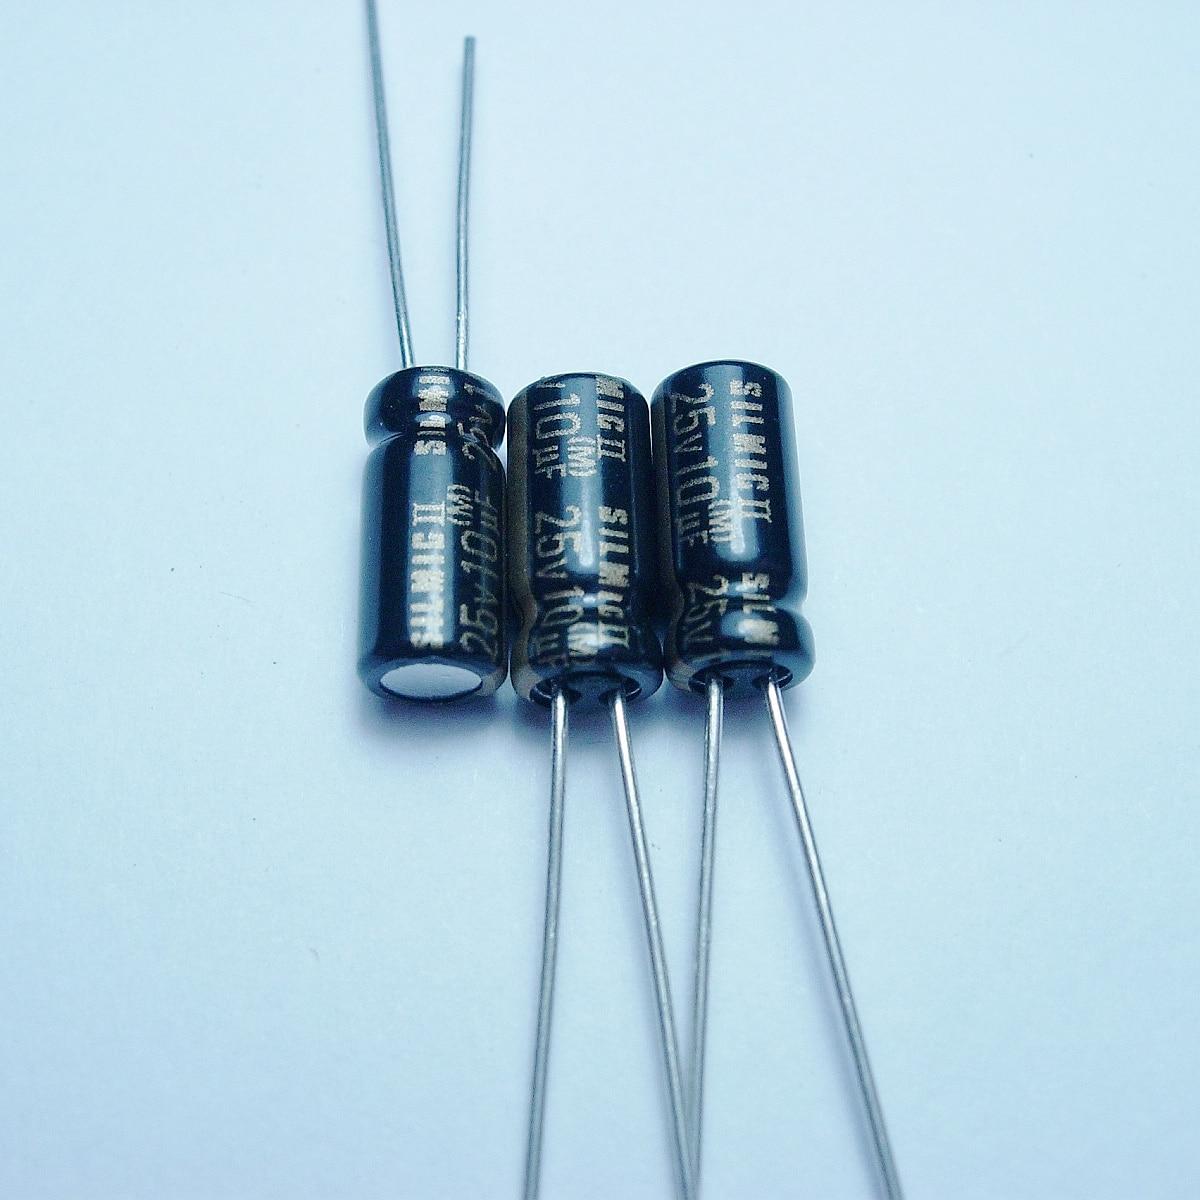 20pcs/50PCS ELNA SILMCII 25v10uf 5*11 copper for capacitance foot audio super capacitor electrolytic capacitors free shipping 5pcs 10pcs elna silmcii 16v2200uf 18 40 copper capacitor audio super capacitor electrolytic capacitors free shipping